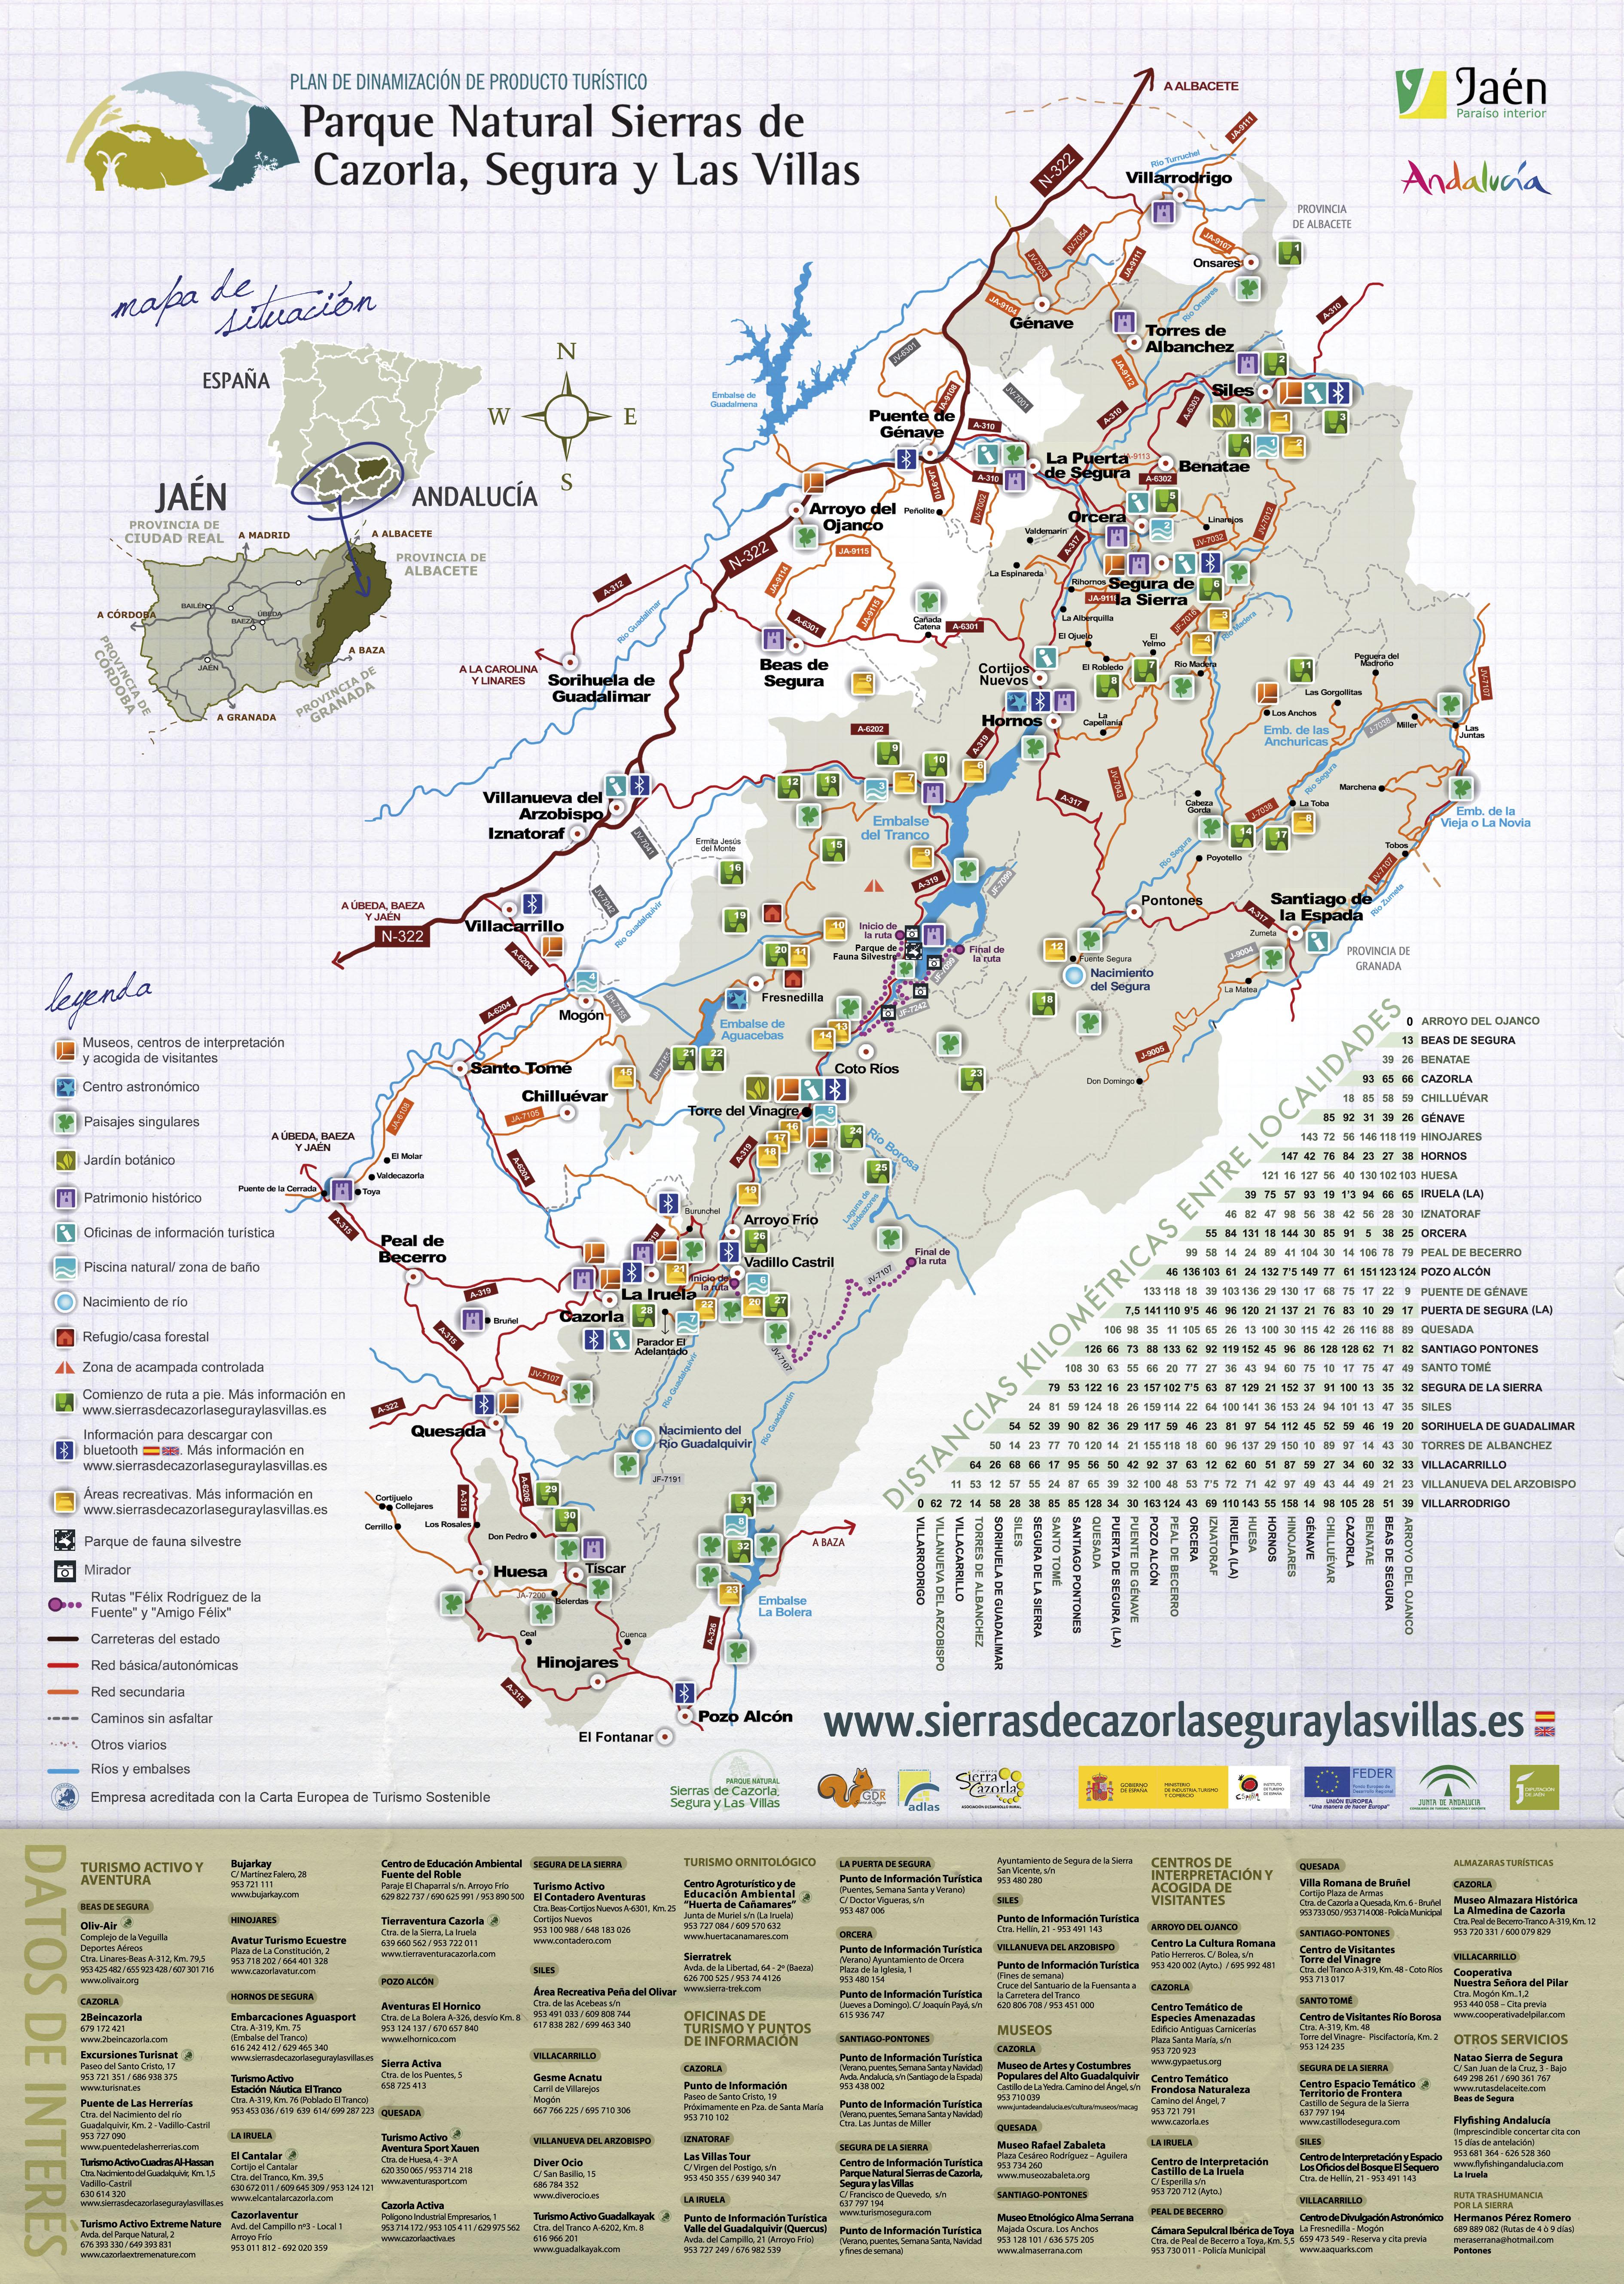 Mapa general del parque